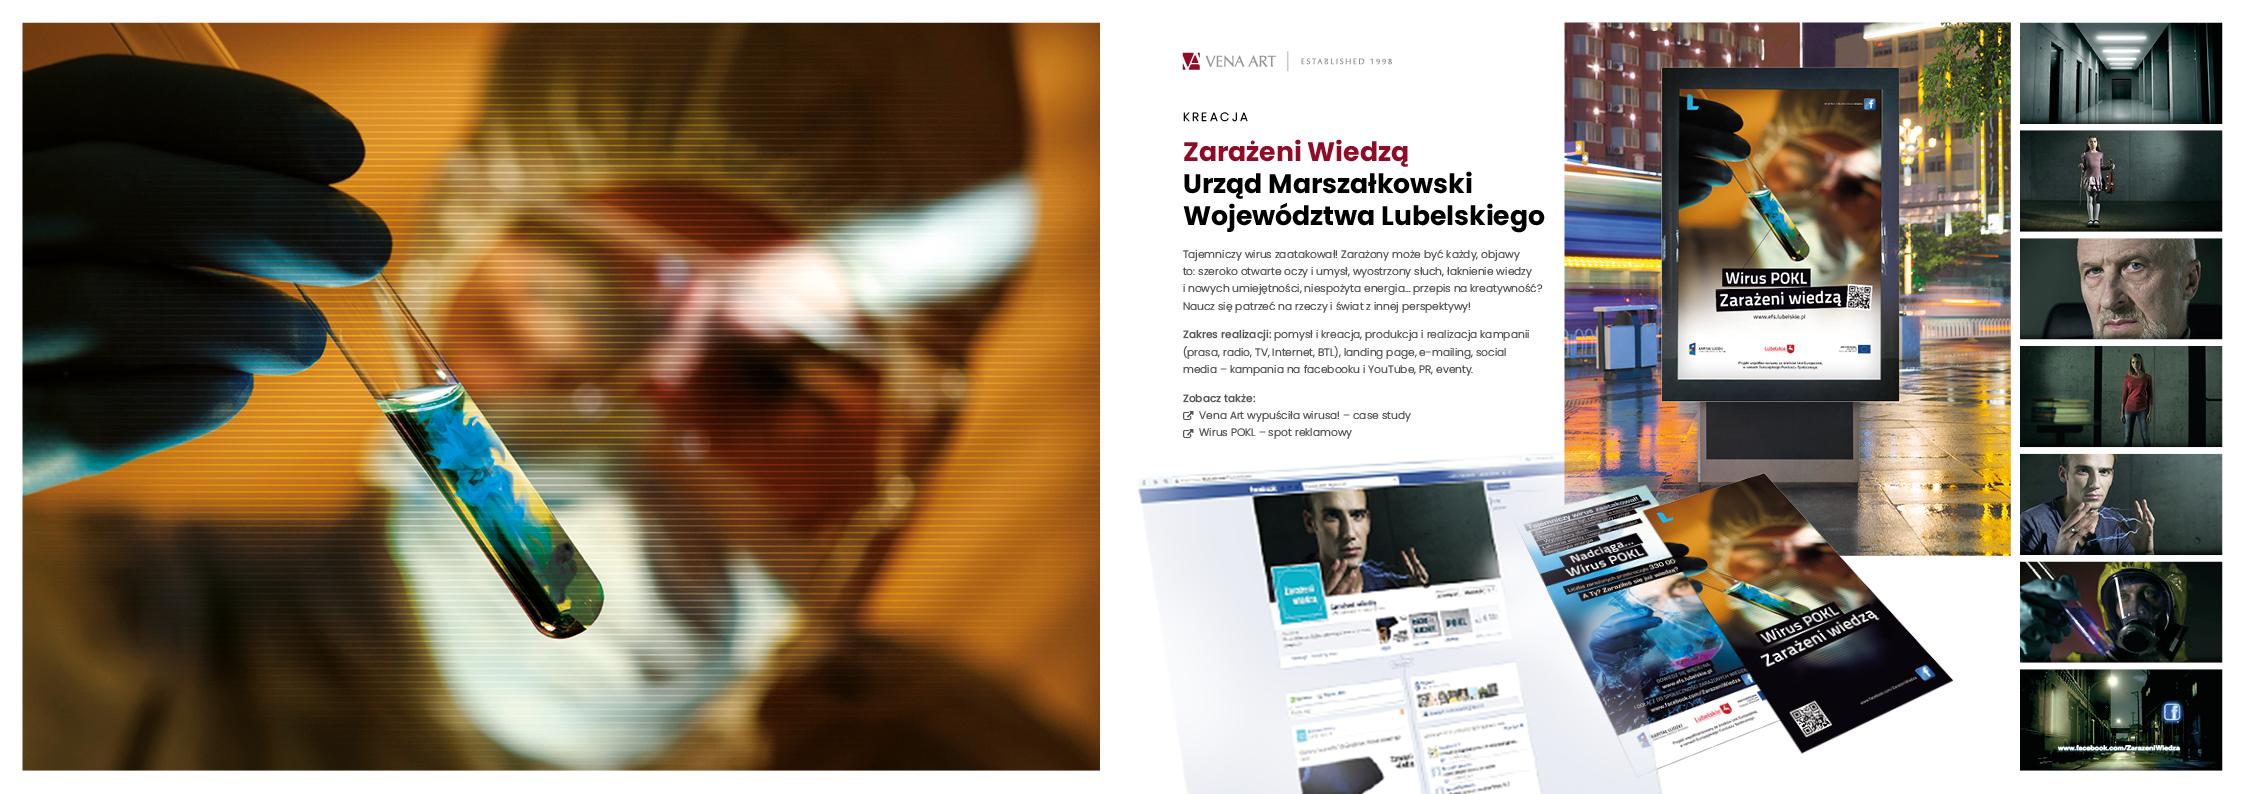 Zarażeni Wiedzą —Urząd Marszałkowski Województwa Lubelskiego